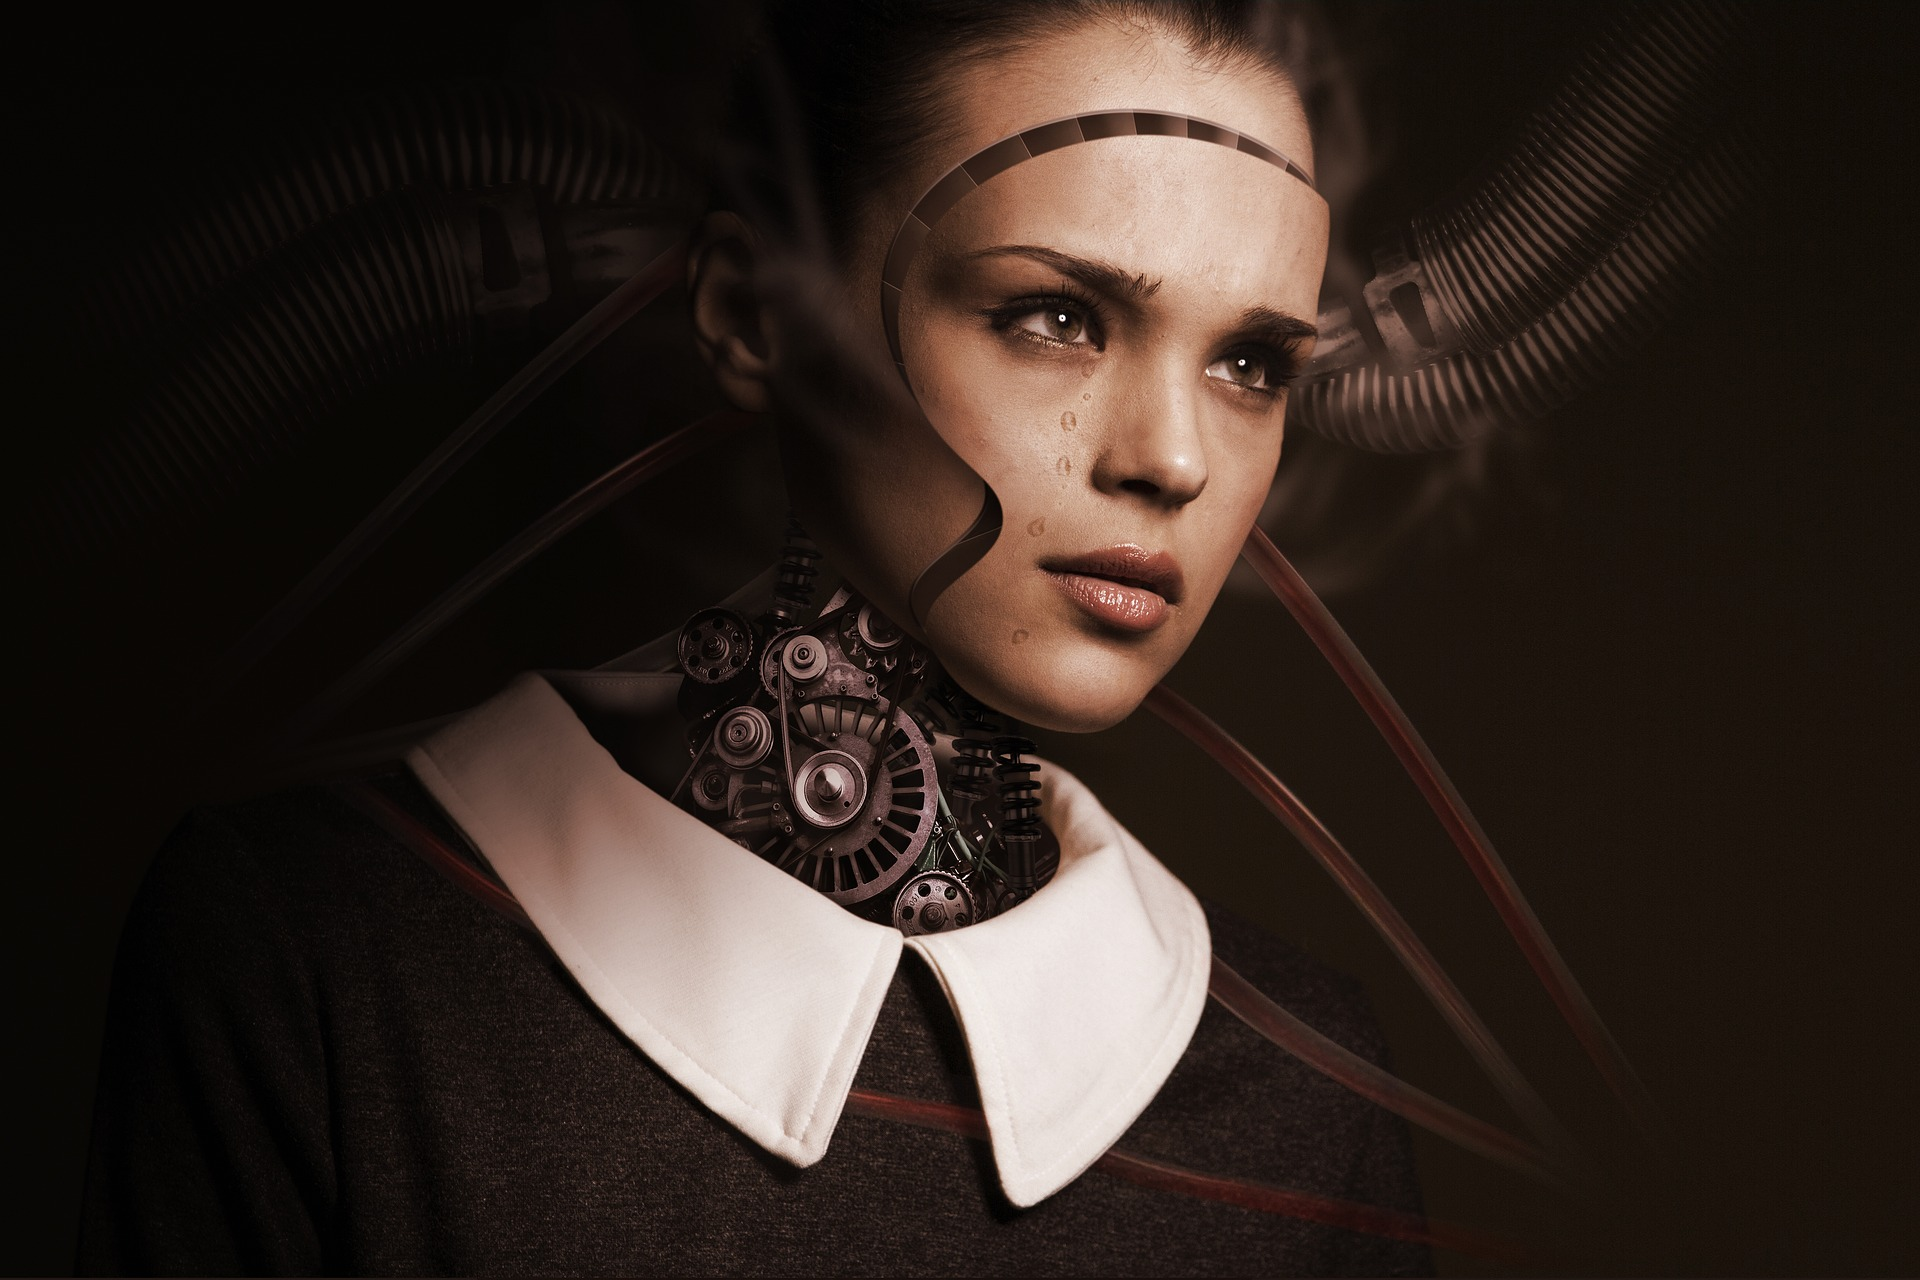 Dla fintek.pl: Sztuczna inteligencja w sektorze finansowym. Wyzwania prawne